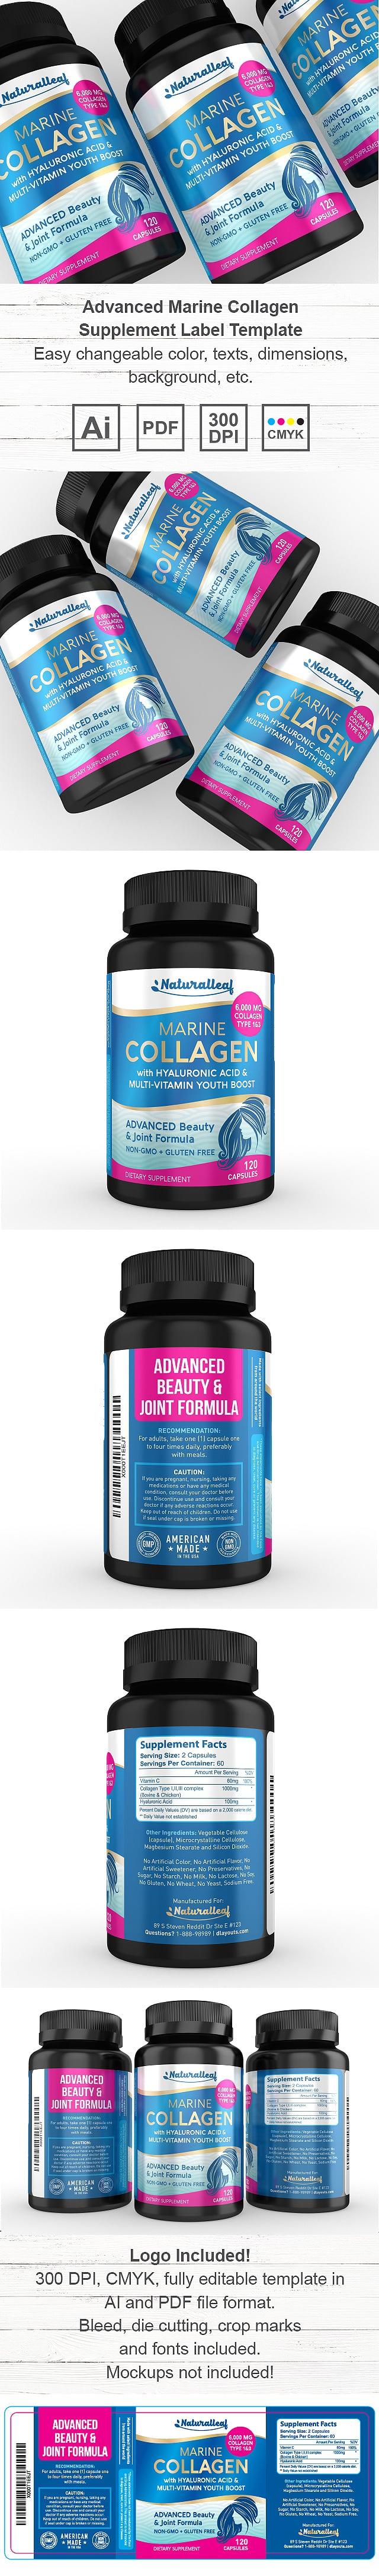 Advanced Marine Collagen Supplement Label Template